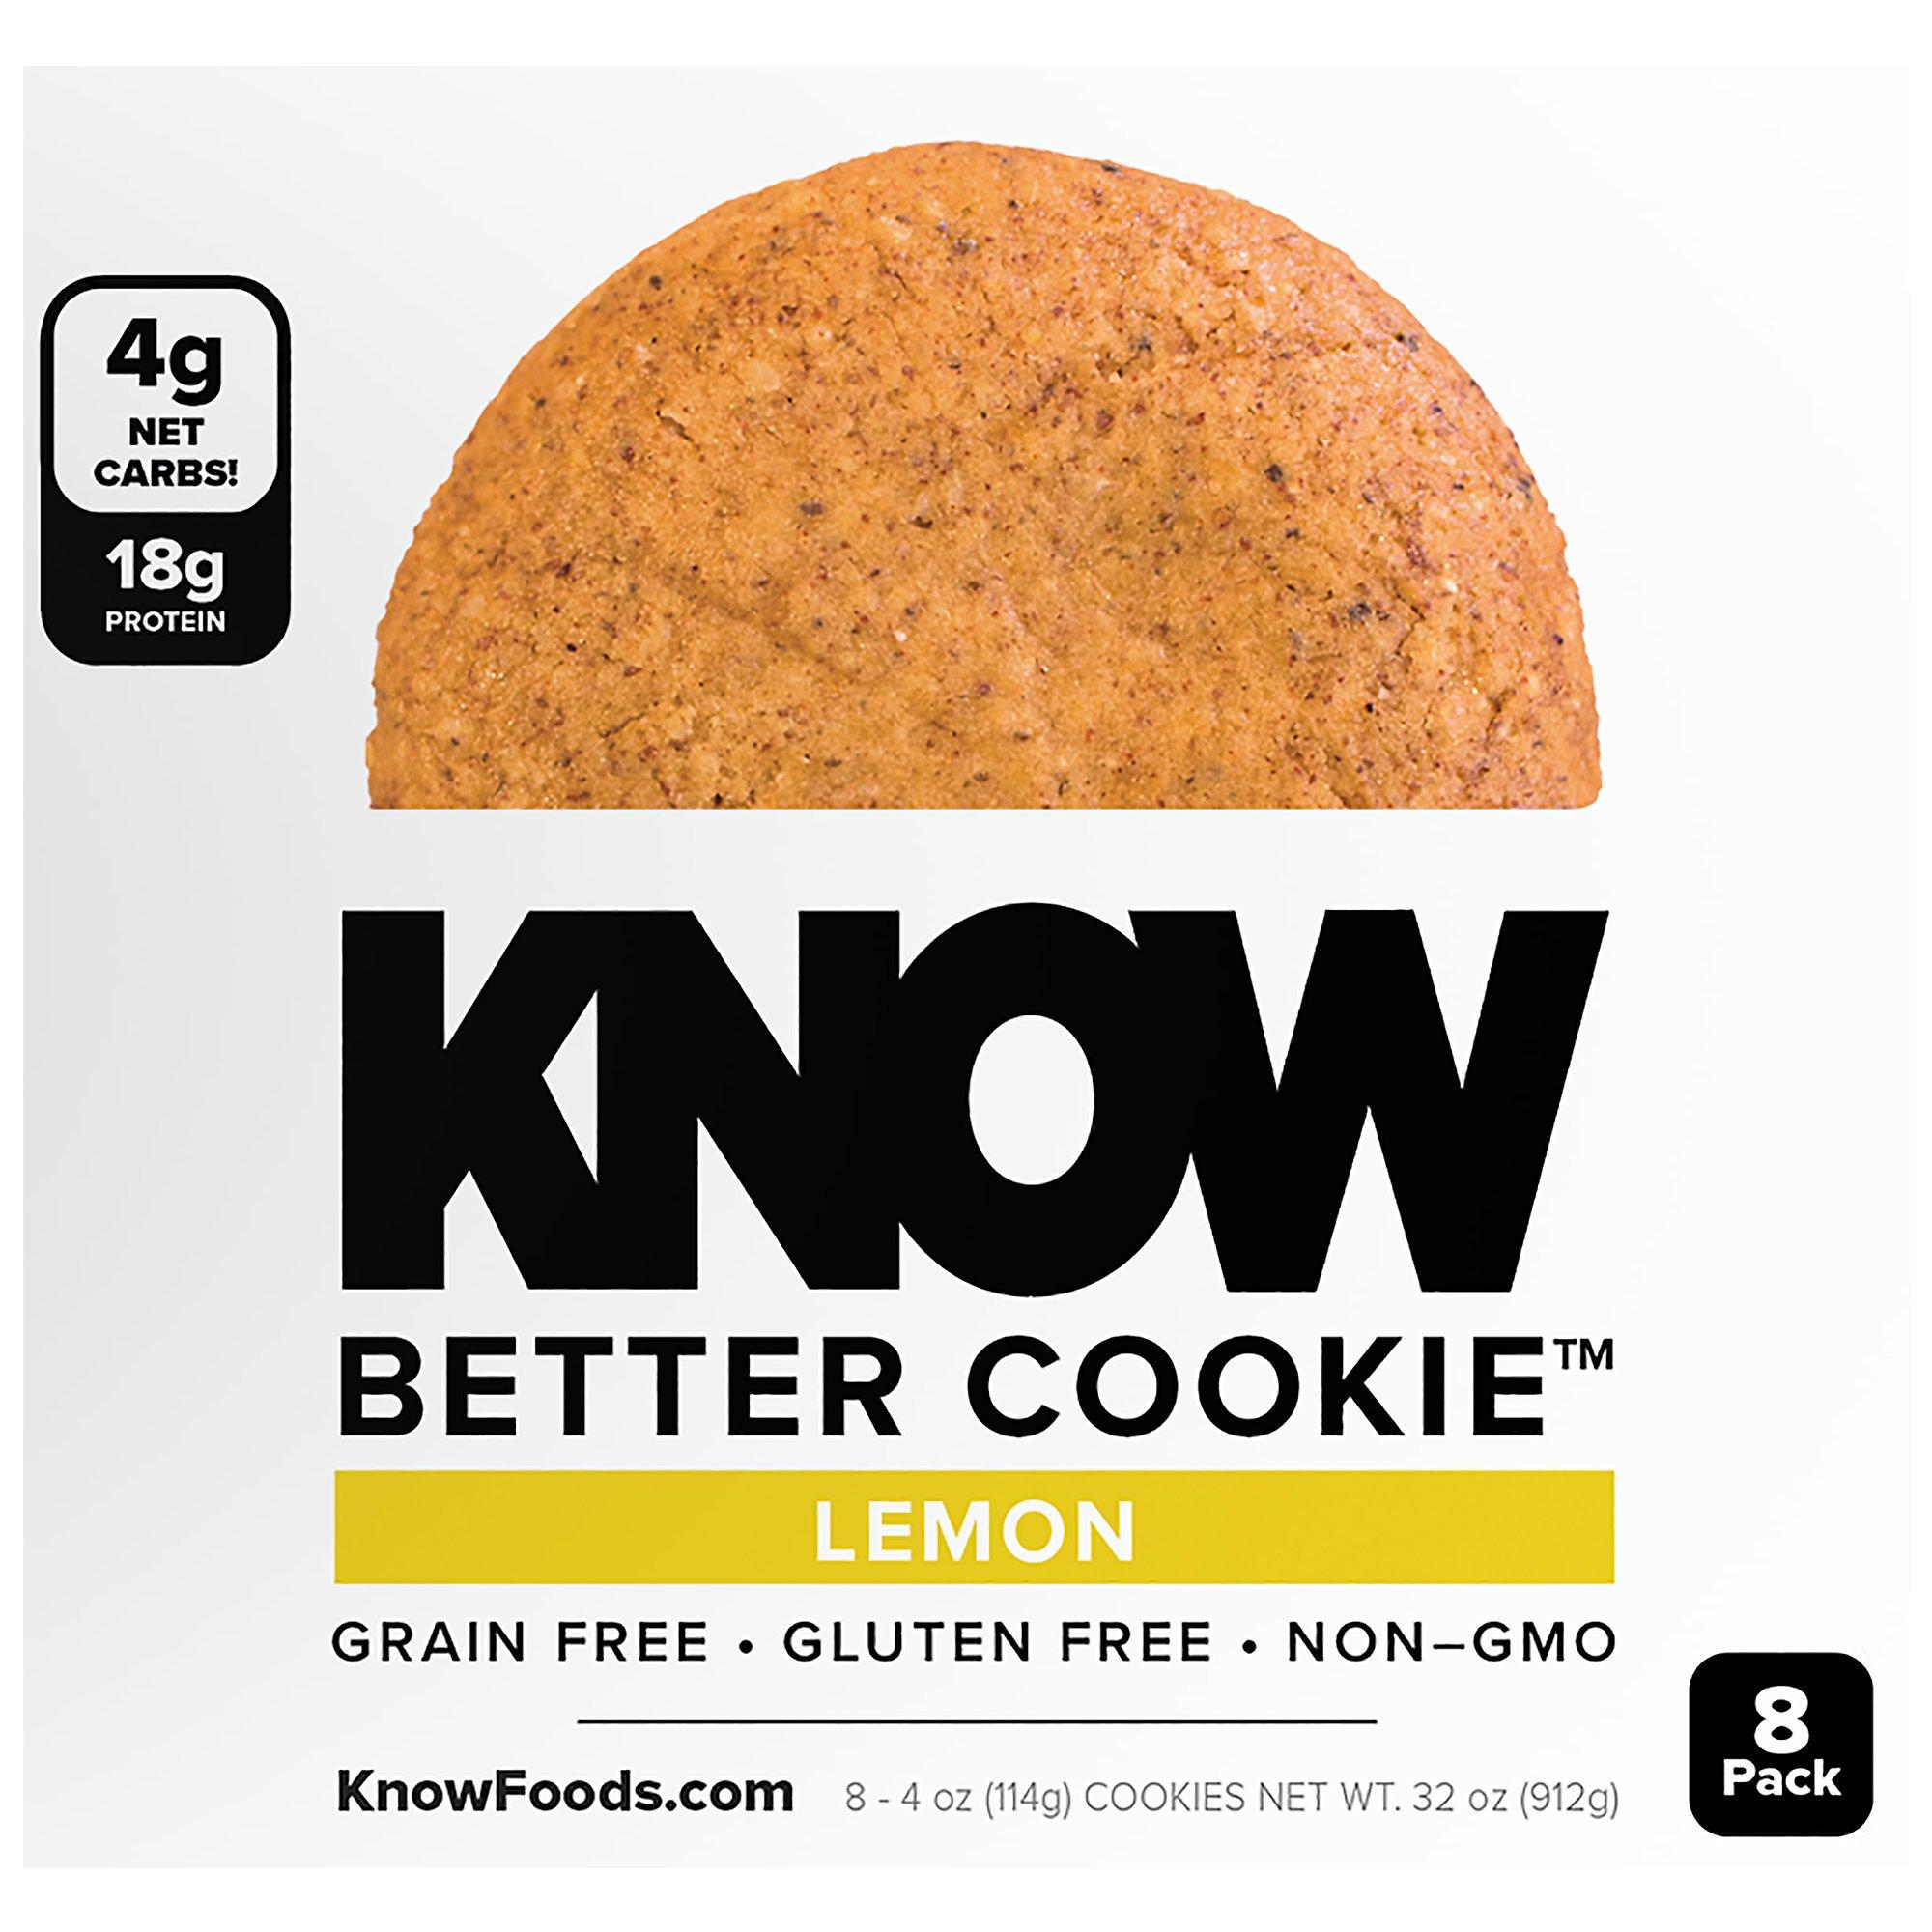 KNOW Better Cookies - Lemon 4 oz Cookies (Pack of 8)